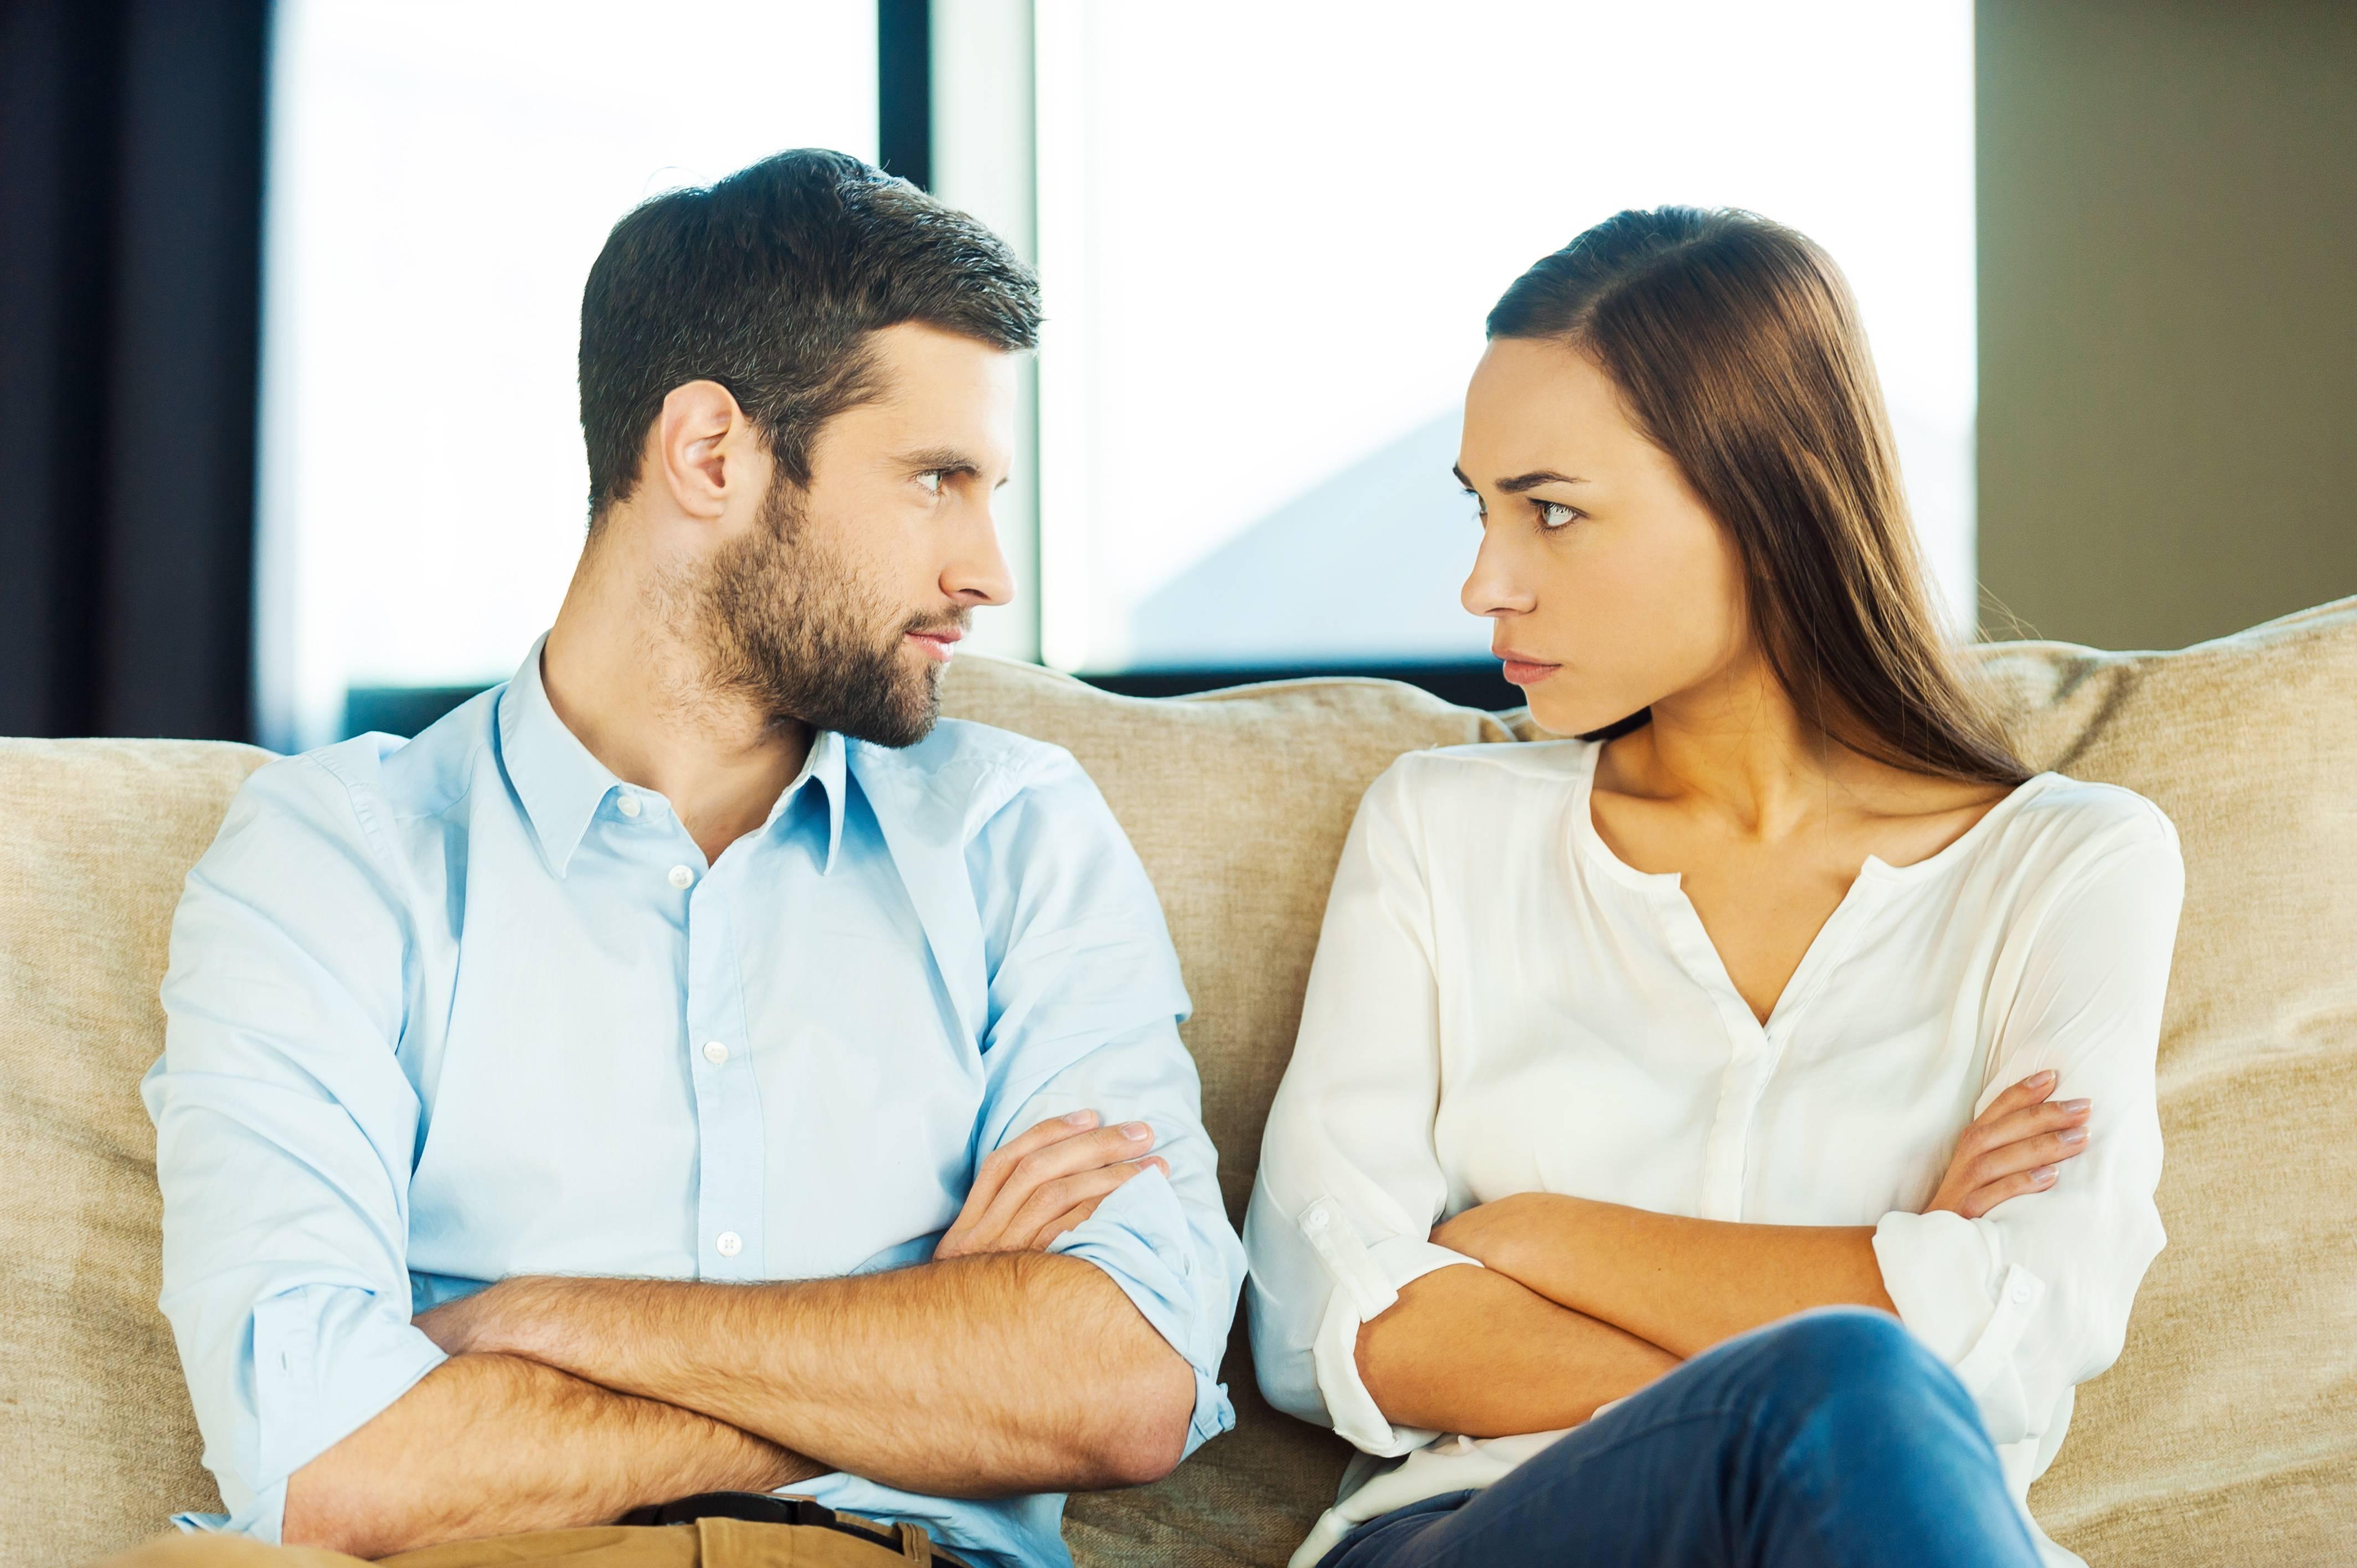 10 نصائح للتعامل مع الزوج العنيد